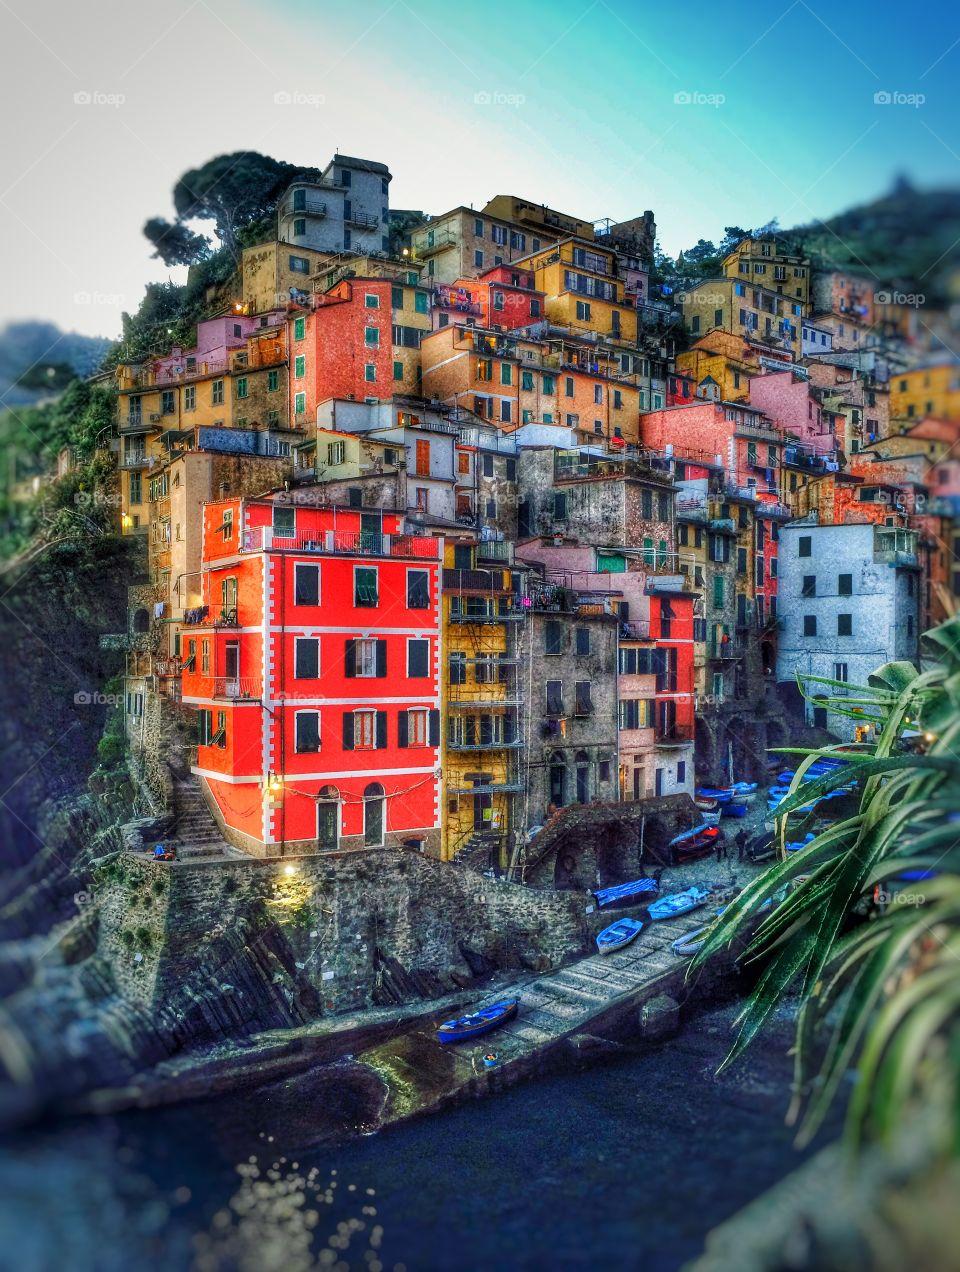 Riomaggiore, Cinque Terre of Italy. Riomaggiore, beautiful and colourful village of Cinque Terre, Italy.